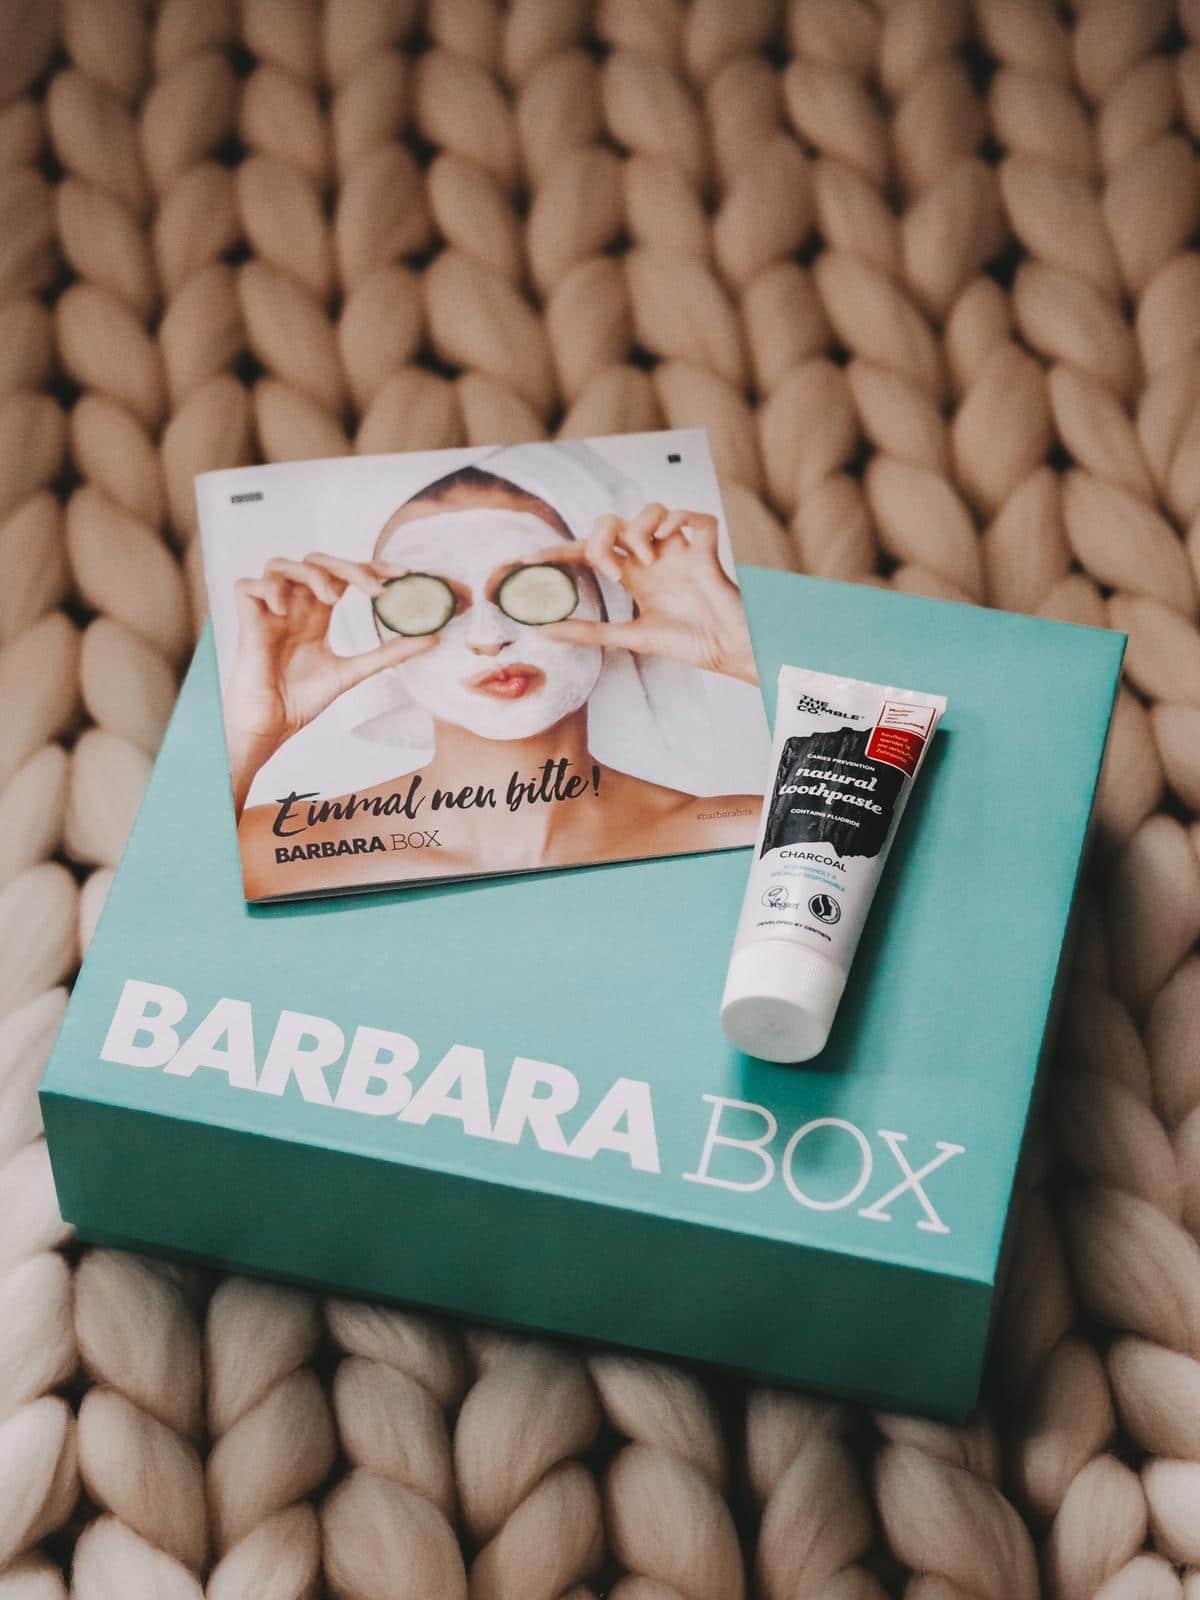 Natural Toothpaste aus der Barbara Box Einmal neu bitte